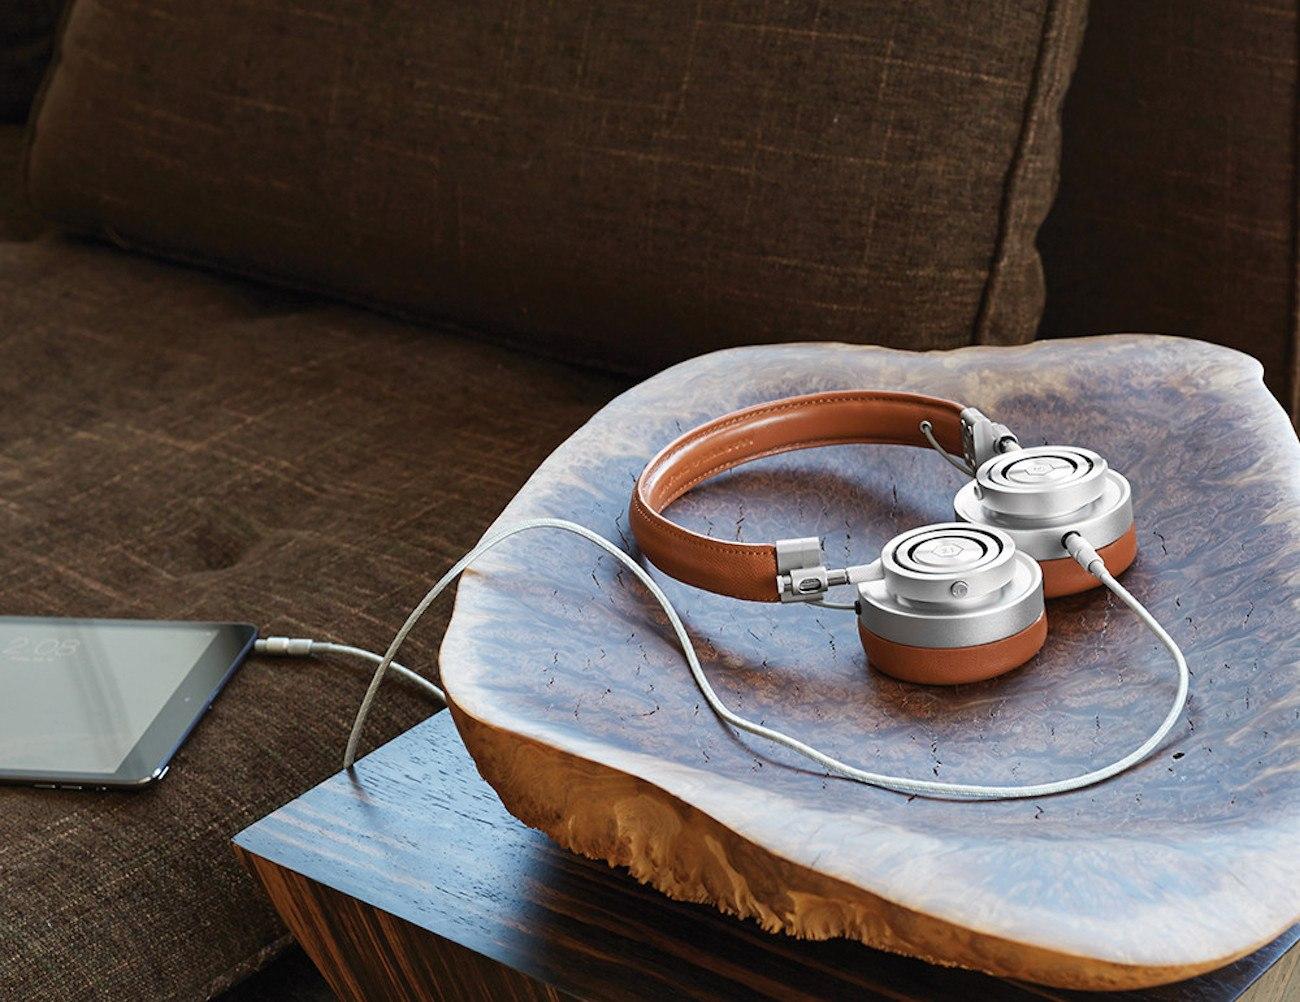 Master & Dynamic MH30 On-Ear Headphones